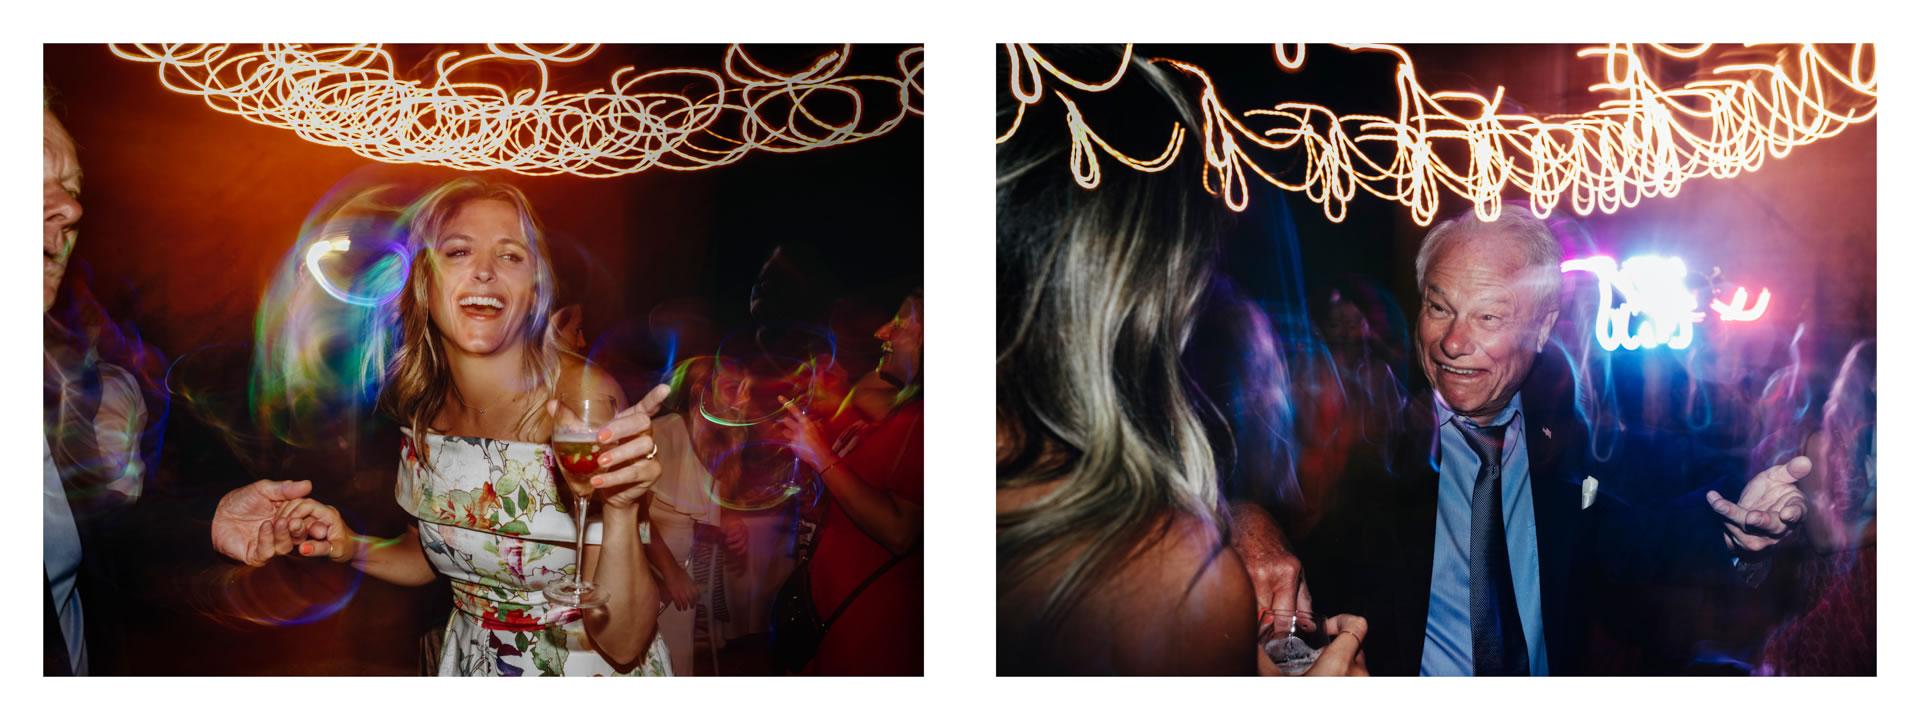 same-sex-love-in-portofino-david-bastianoni-photographer-00035 - 35 :: Wedding in Portofino // WPPI 2018 // The man that I love :: Luxury wedding photography - 34 :: same-sex-love-in-portofino-david-bastianoni-photographer-00035 - 35